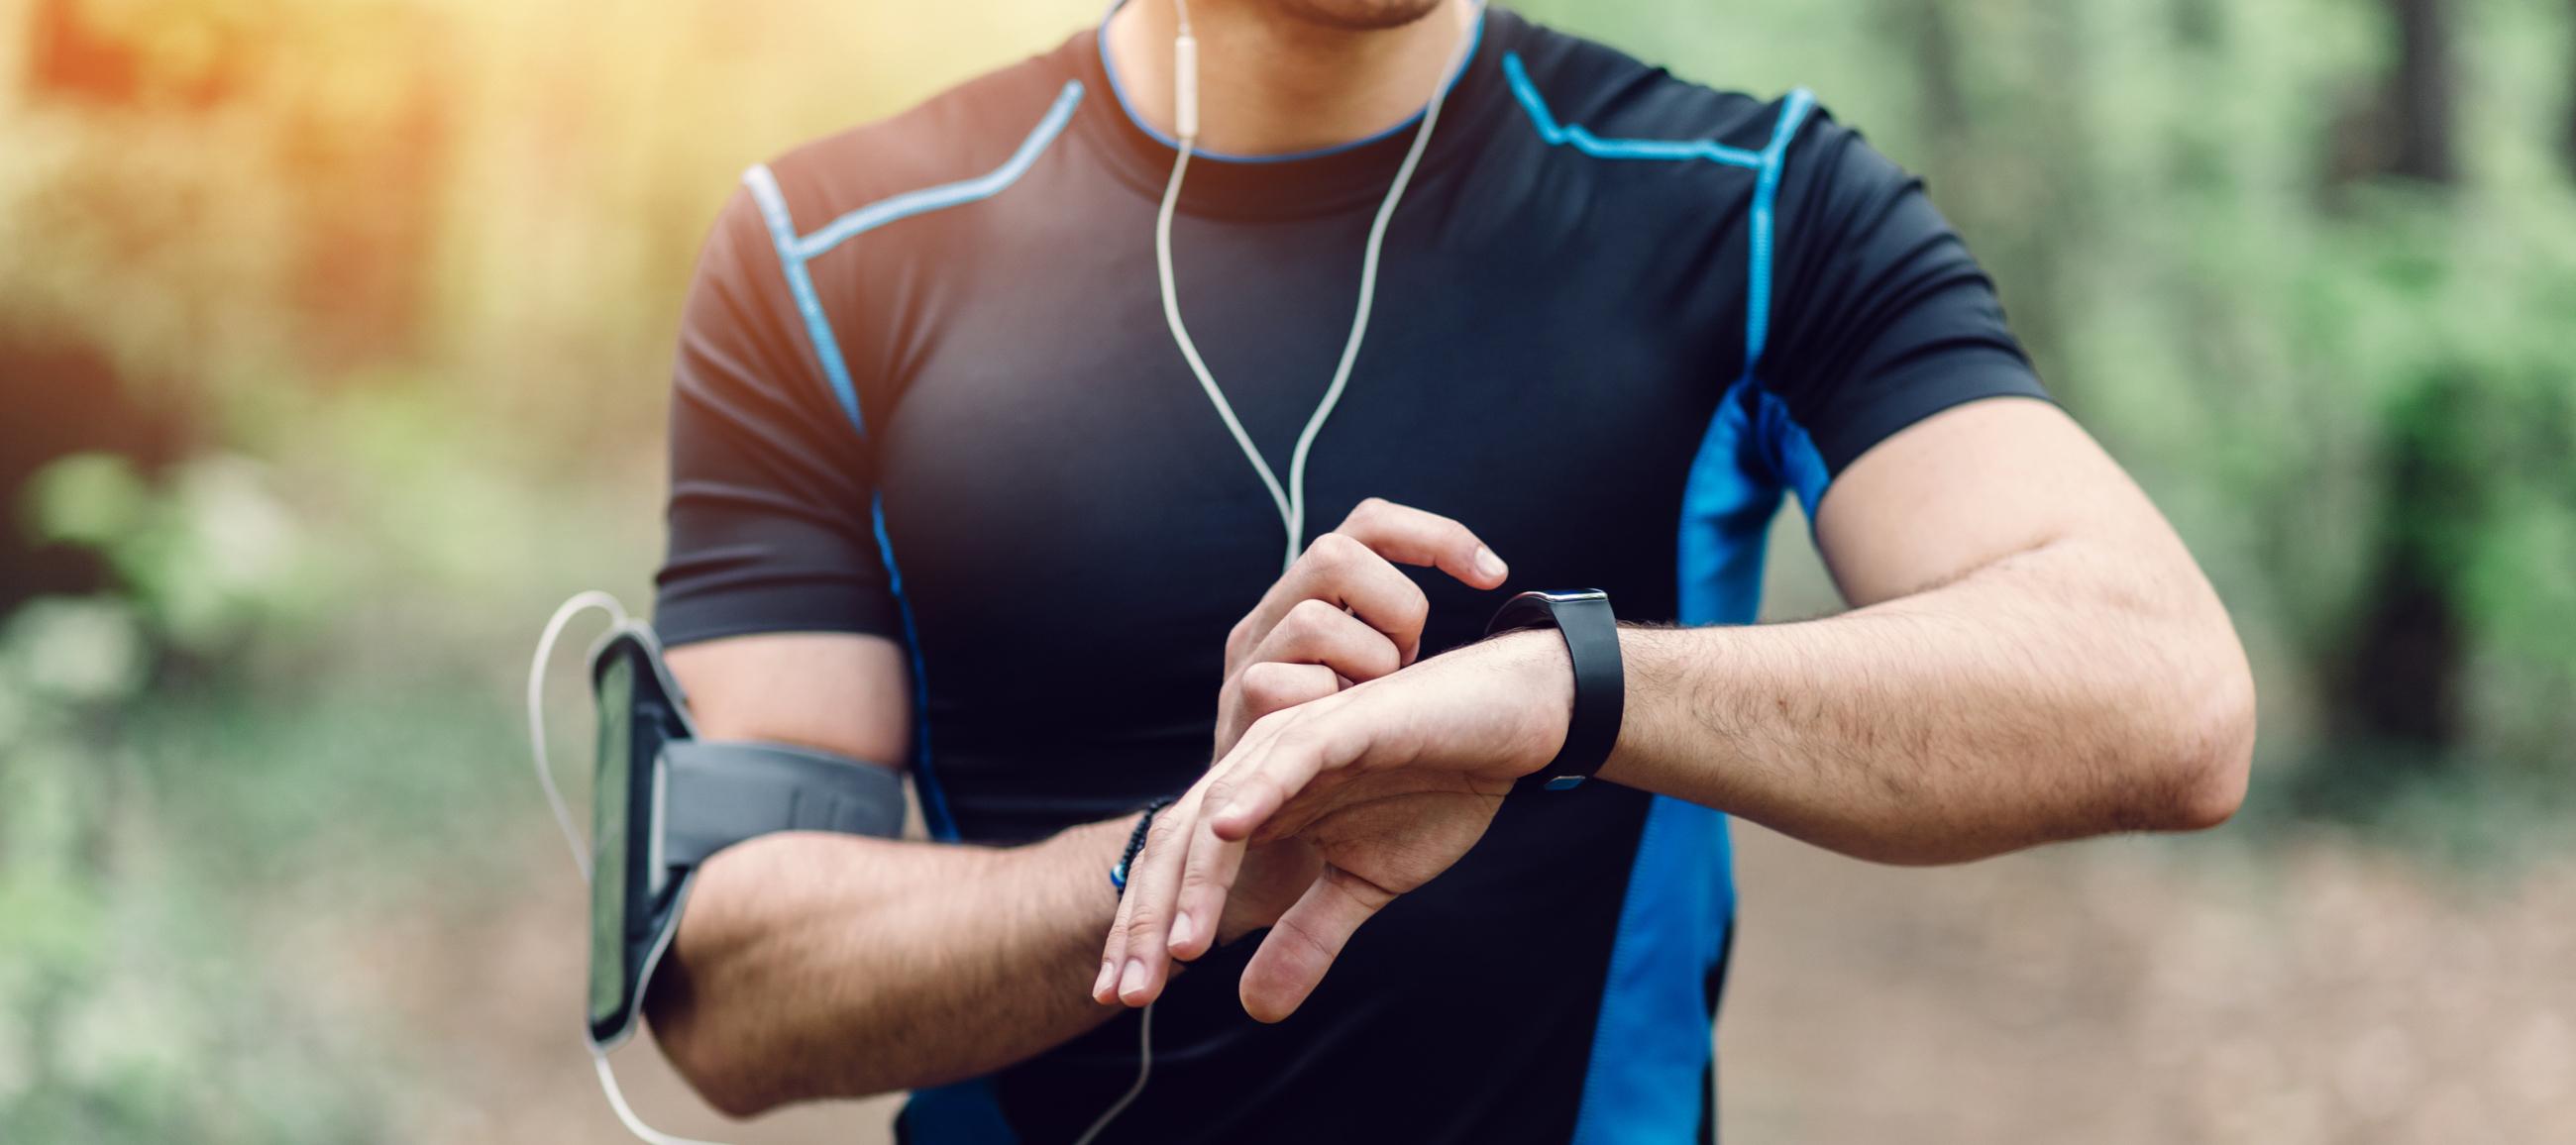 Sport und die passenden Gadgets - was tragt ihr so beim Fitness?